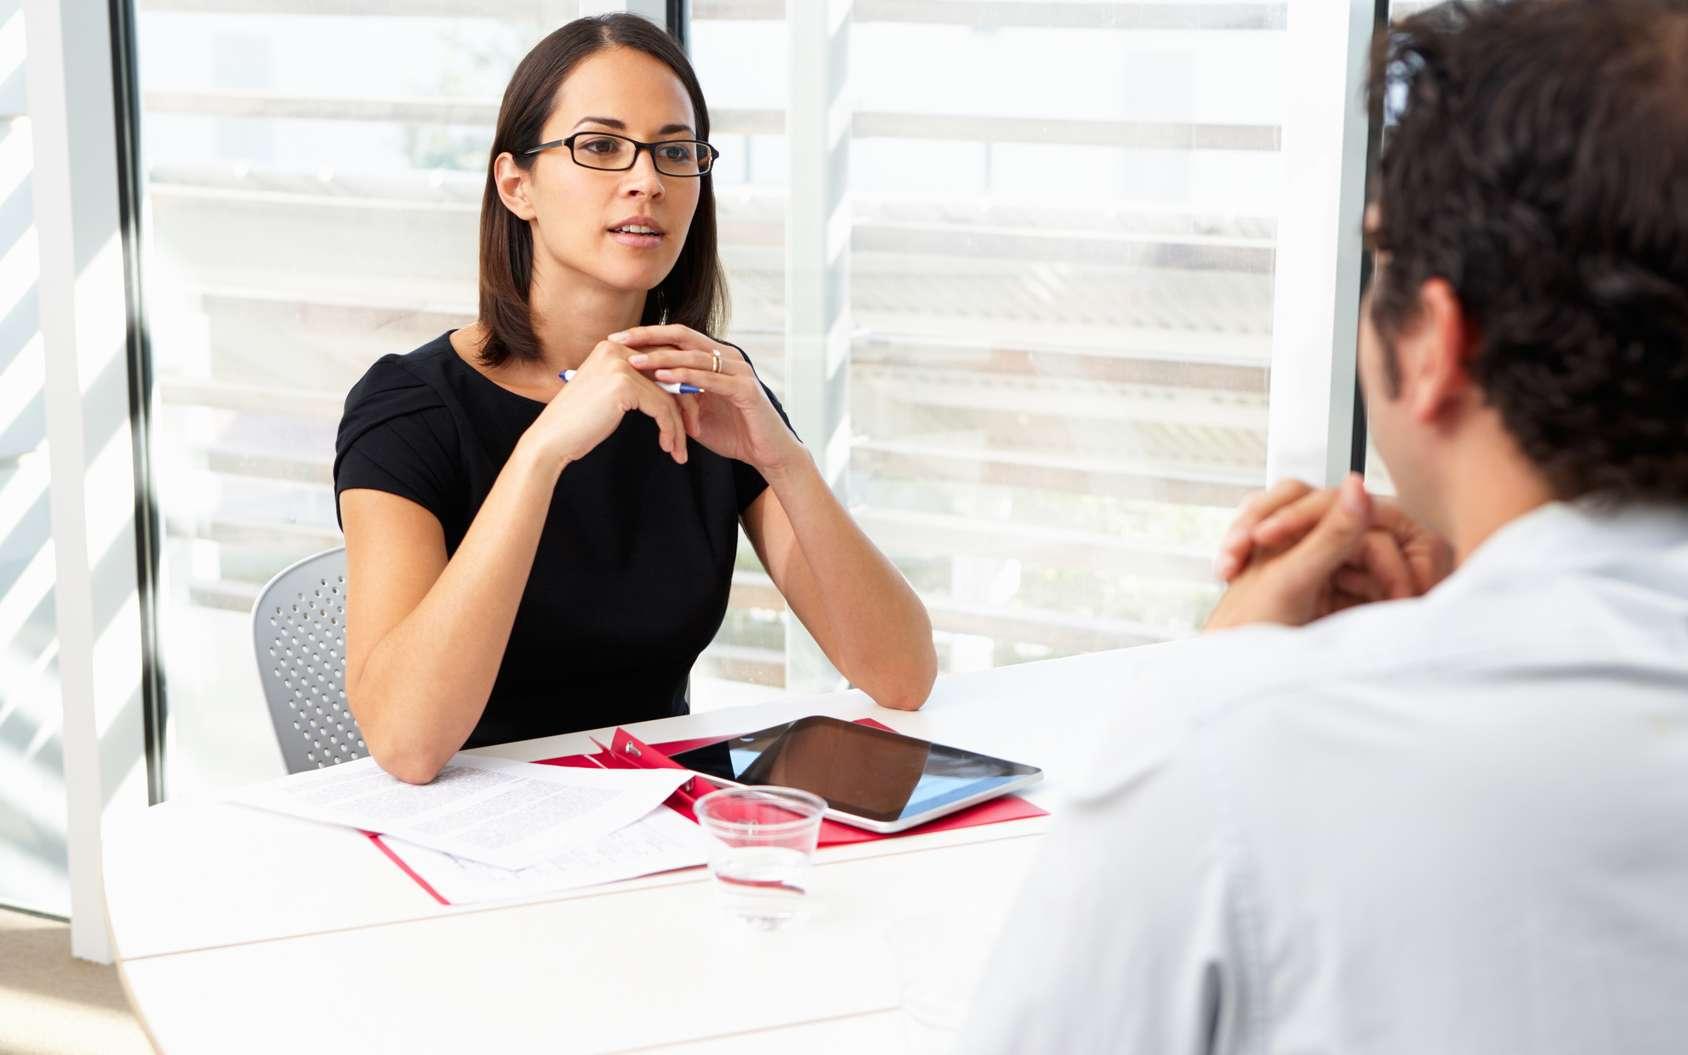 L'entretien d'embauche n'est pas à prendre à la légère. © Monkey business, Fotolia